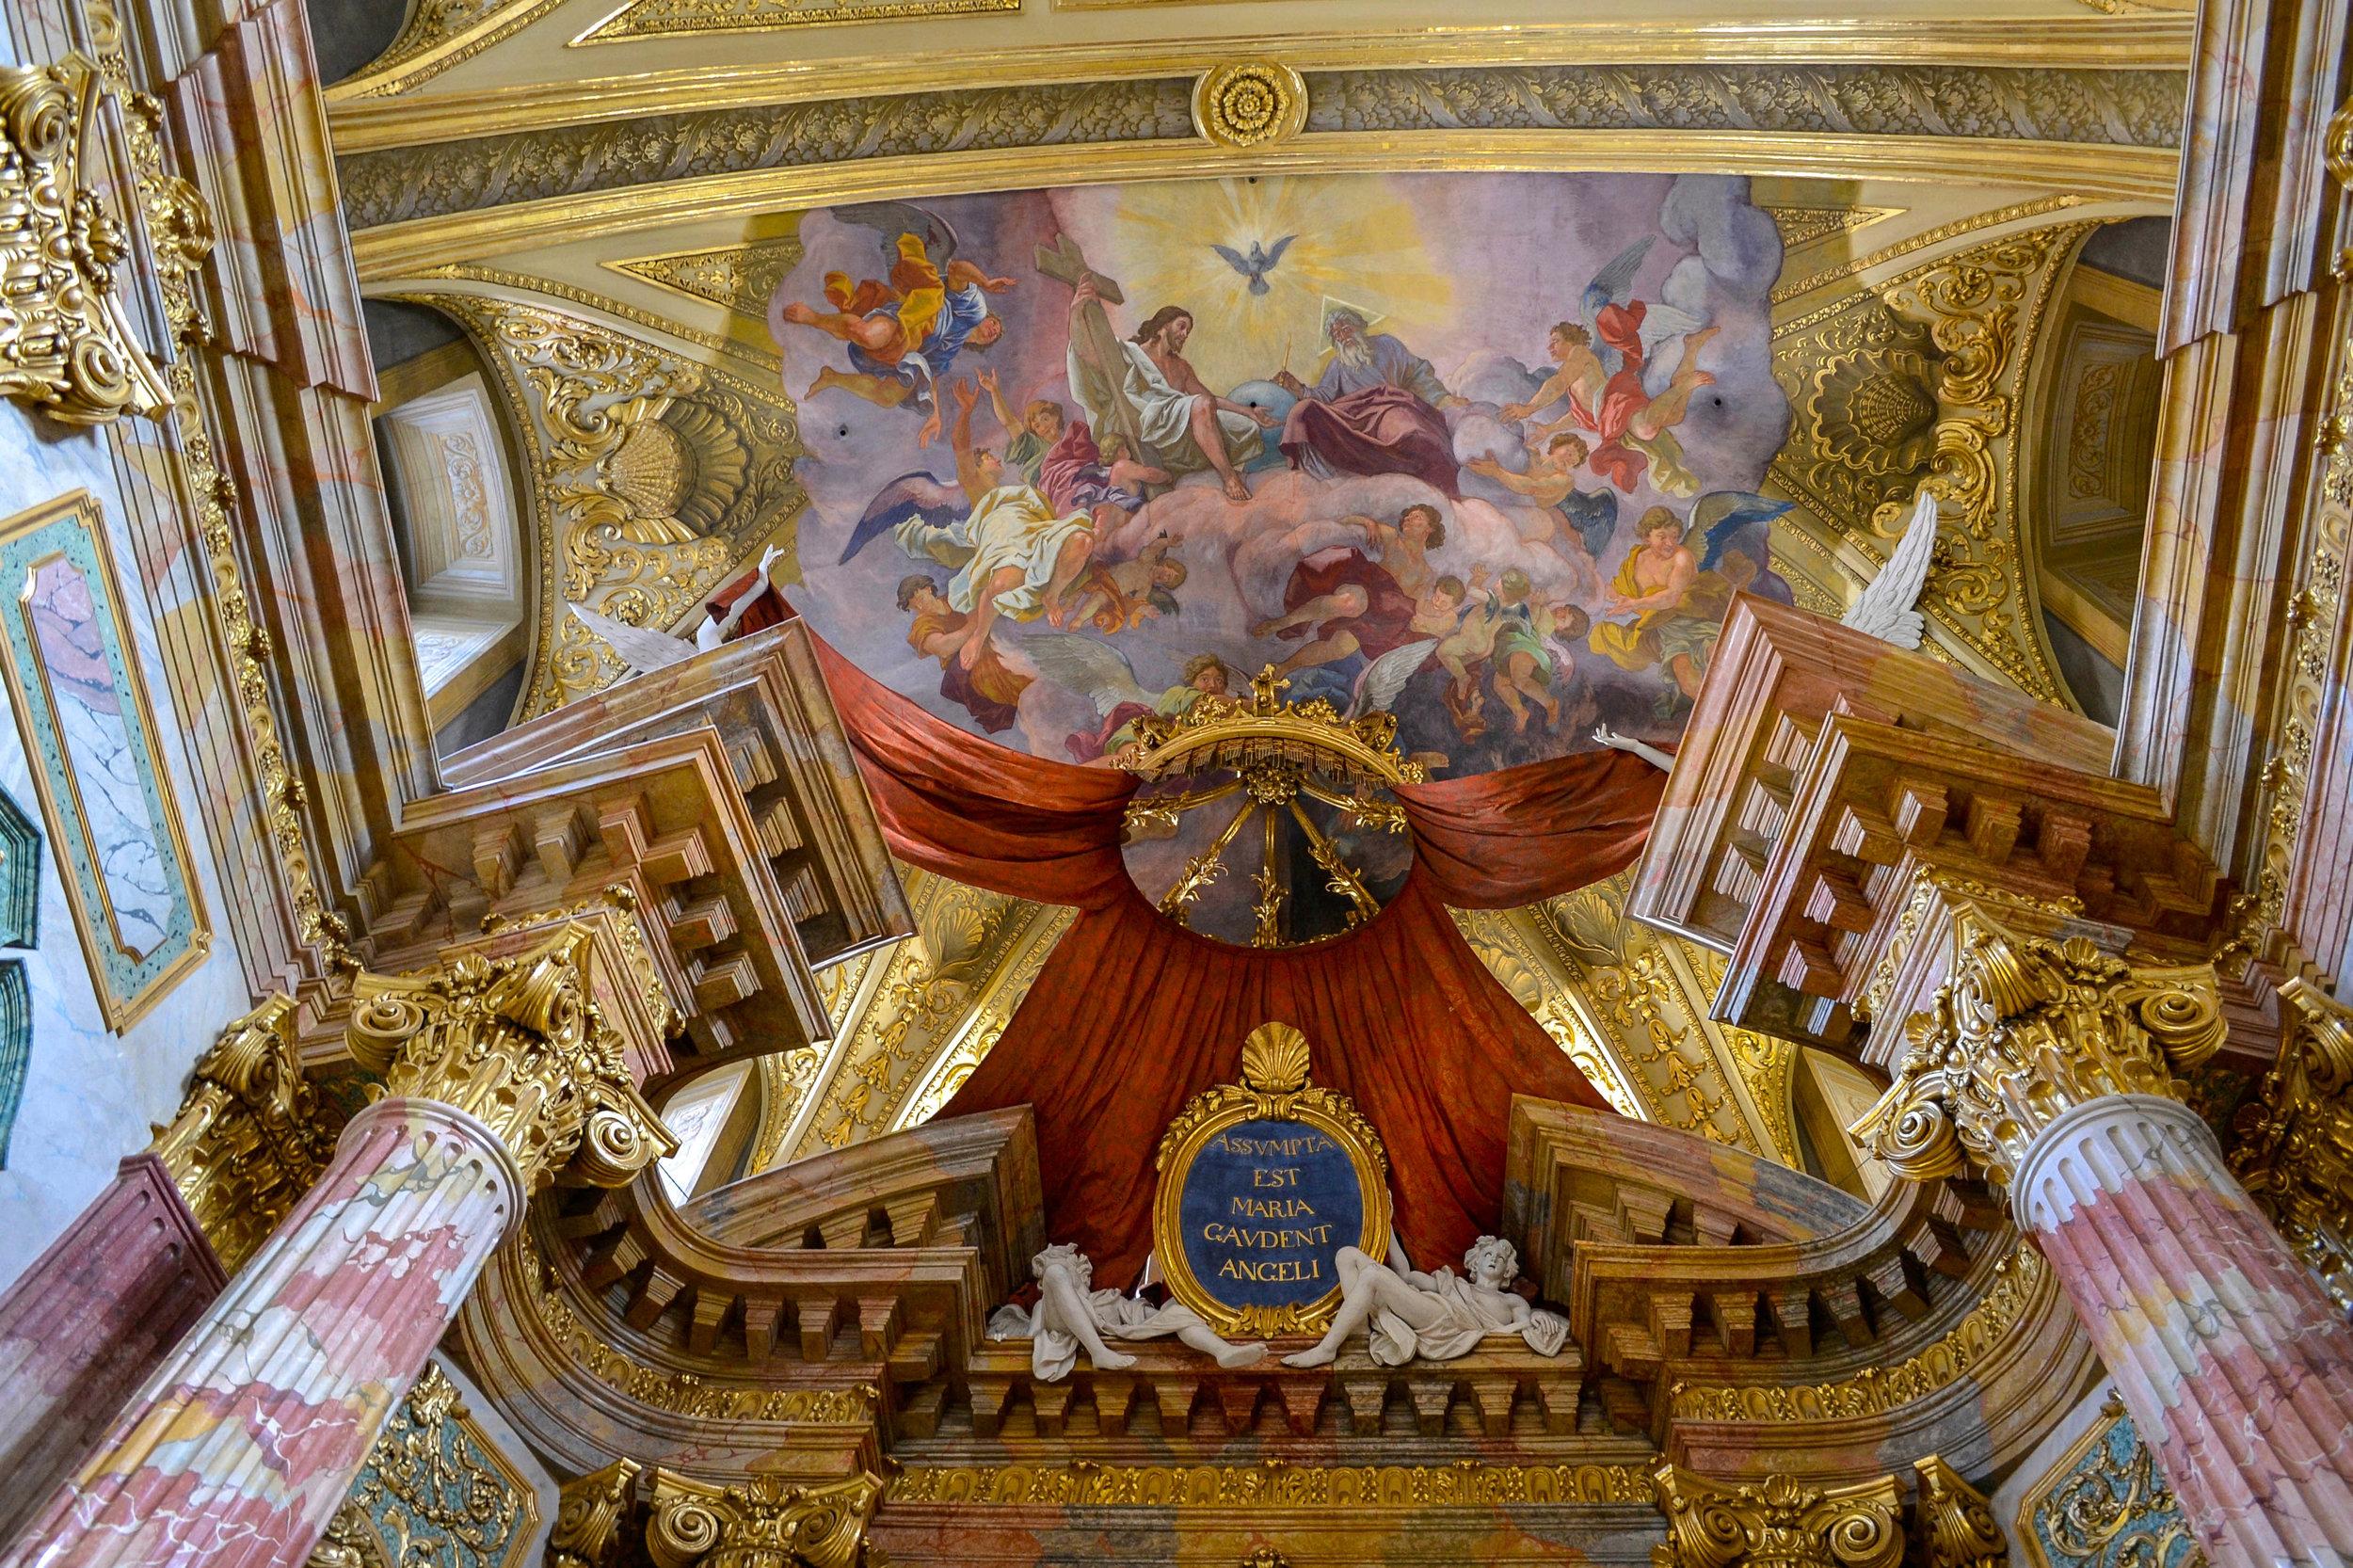 Jesuit Church Ceiling Painting